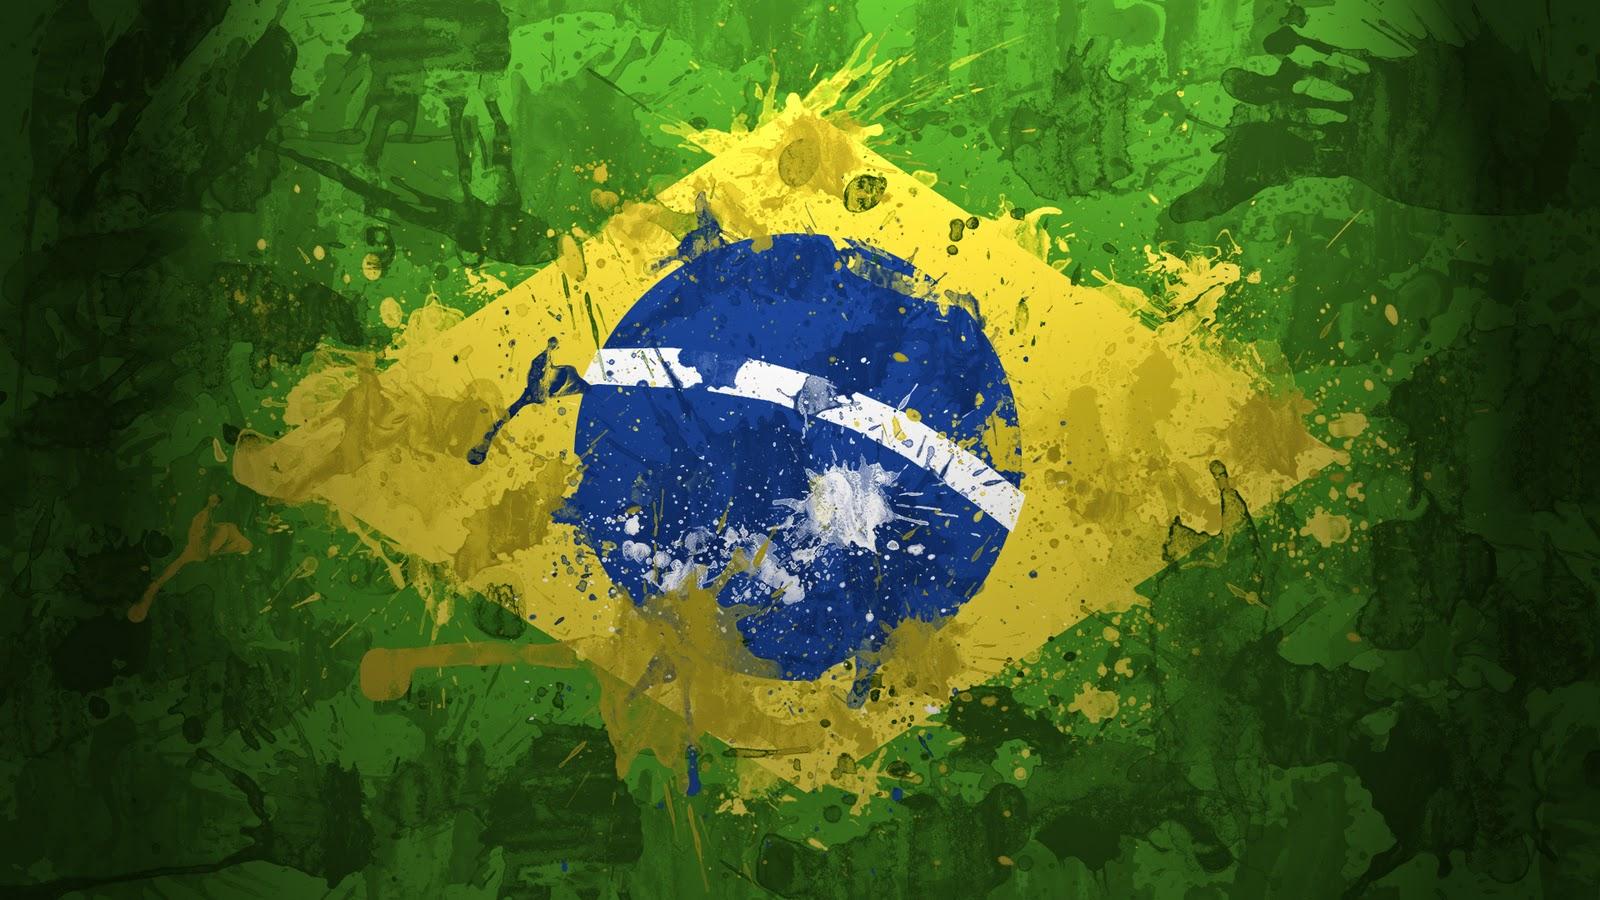 http://3.bp.blogspot.com/-TDyVzrUZtKg/UZORsZY8a_I/AAAAAAAADdM/K97GmNoLWVU/s1600/brazilian-flag-wallpaper.jpg